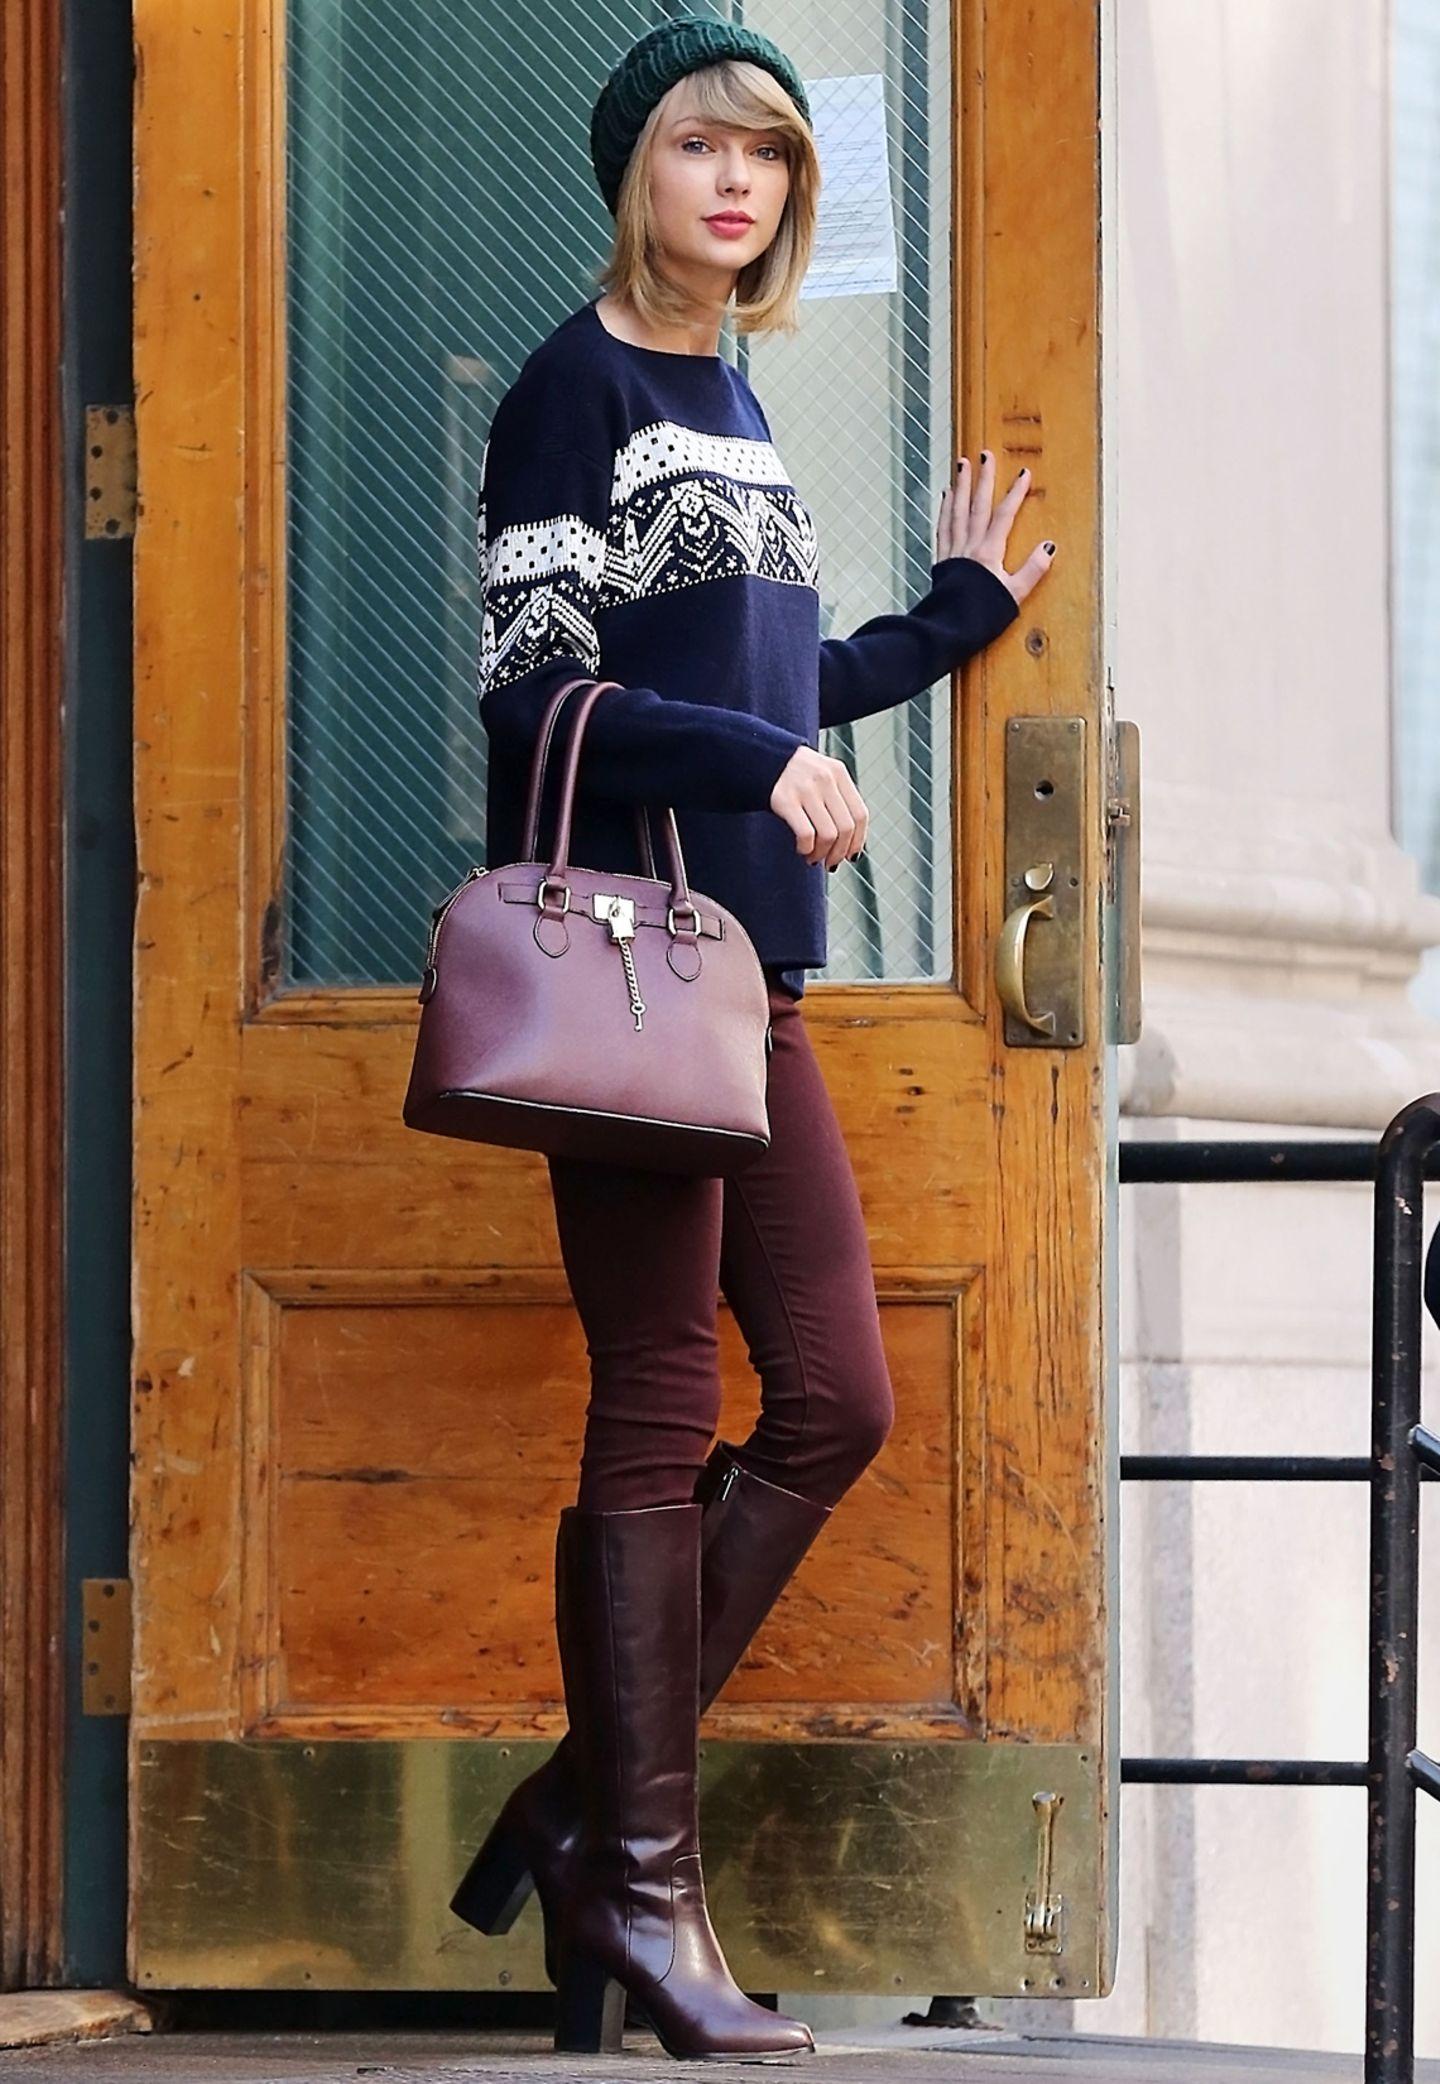 Taylor Swift erzielt einen modisch weihnachtlichen Alltags-Look, indem sie zu einem Sweater mit klassischem Norweger-Muster eine Skinny Jeans sowie elegante Stiefel und Handtasche in der Trend-Farbe Burgunder wählt.